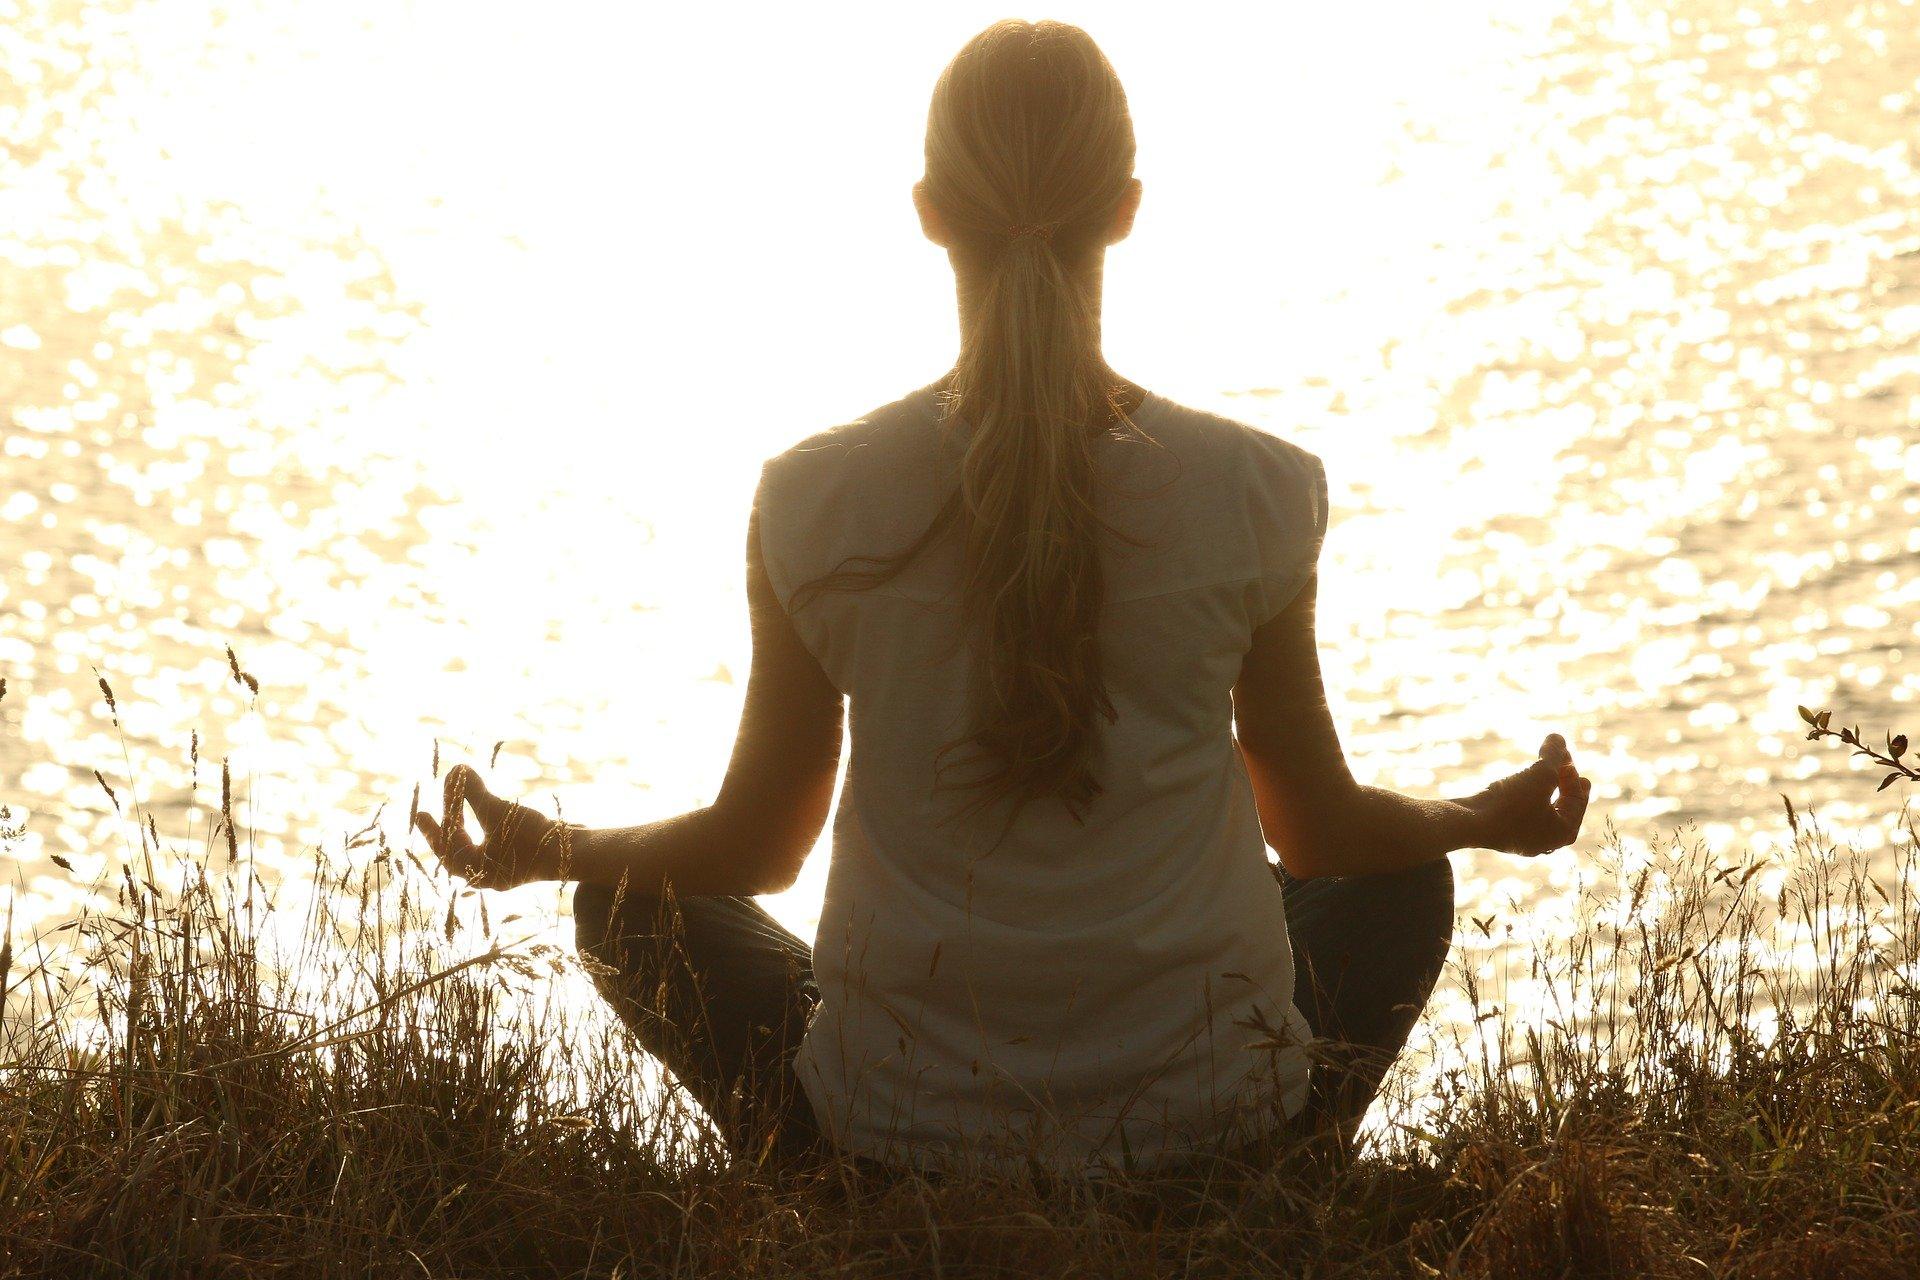 Techniki relaksacyjne mają wiele korzyści dla naszego zdrowia